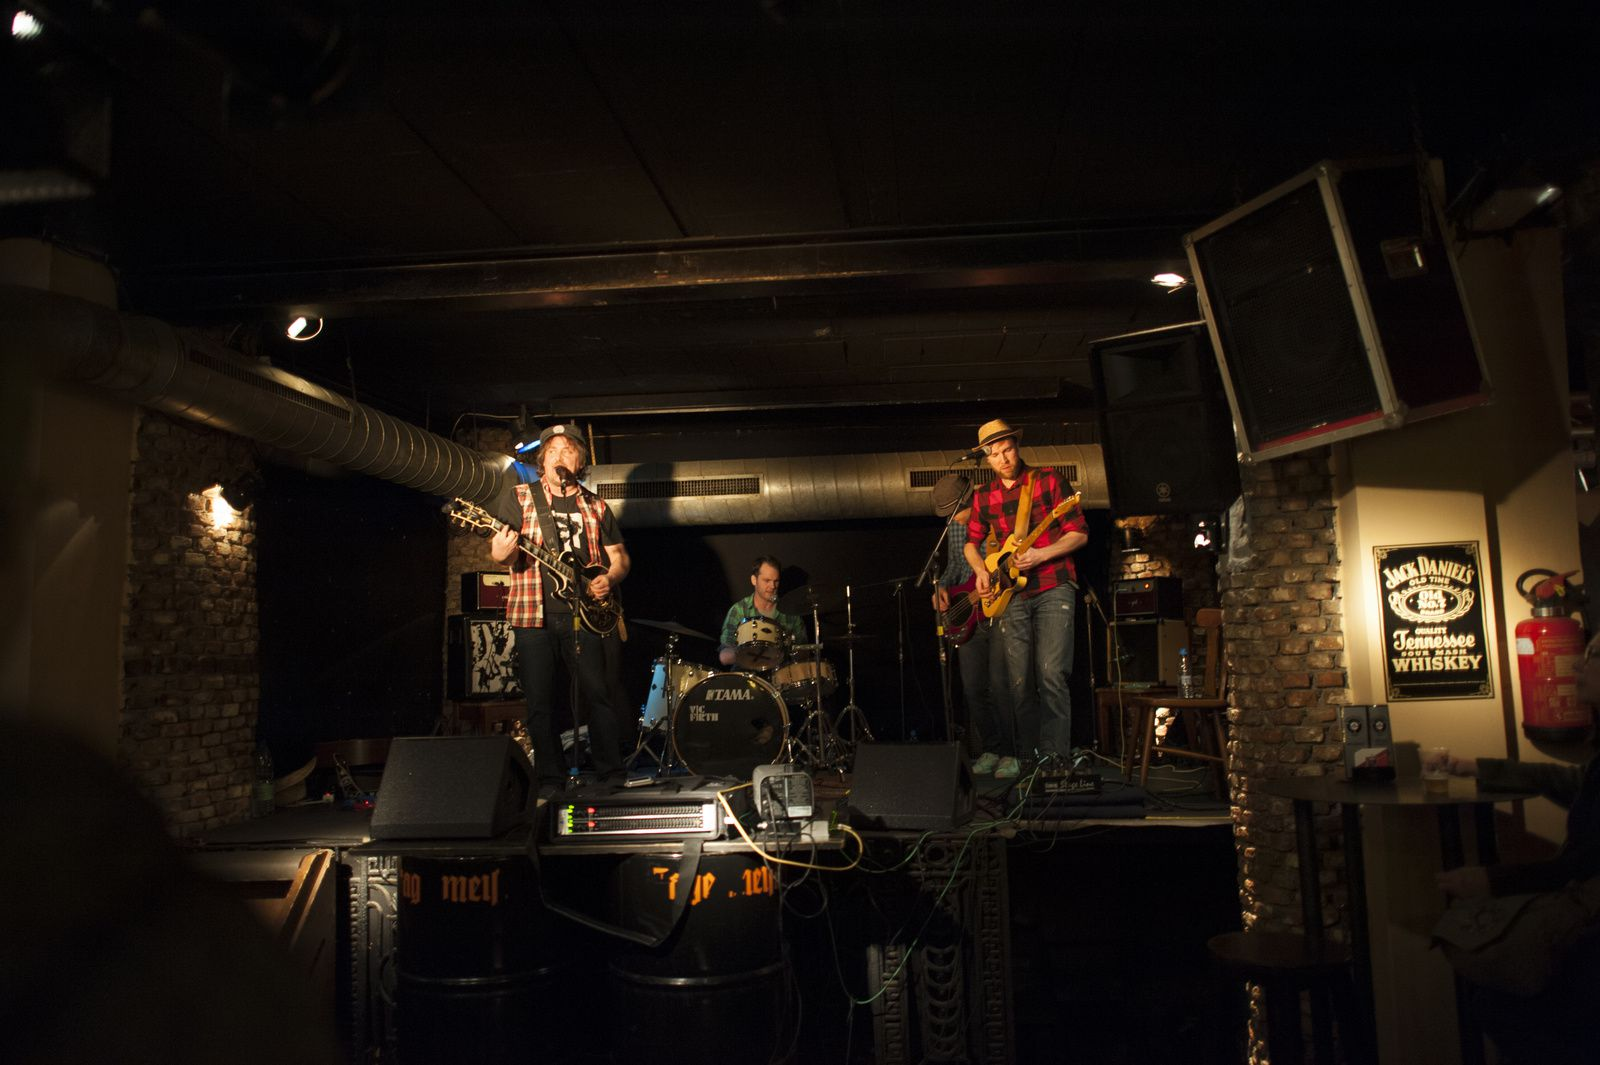 ▶ Photos / Videos - Cortez Cortez (Neil Young & Crazy Horse tribute band) @ Rock Classic - 10/02/2018